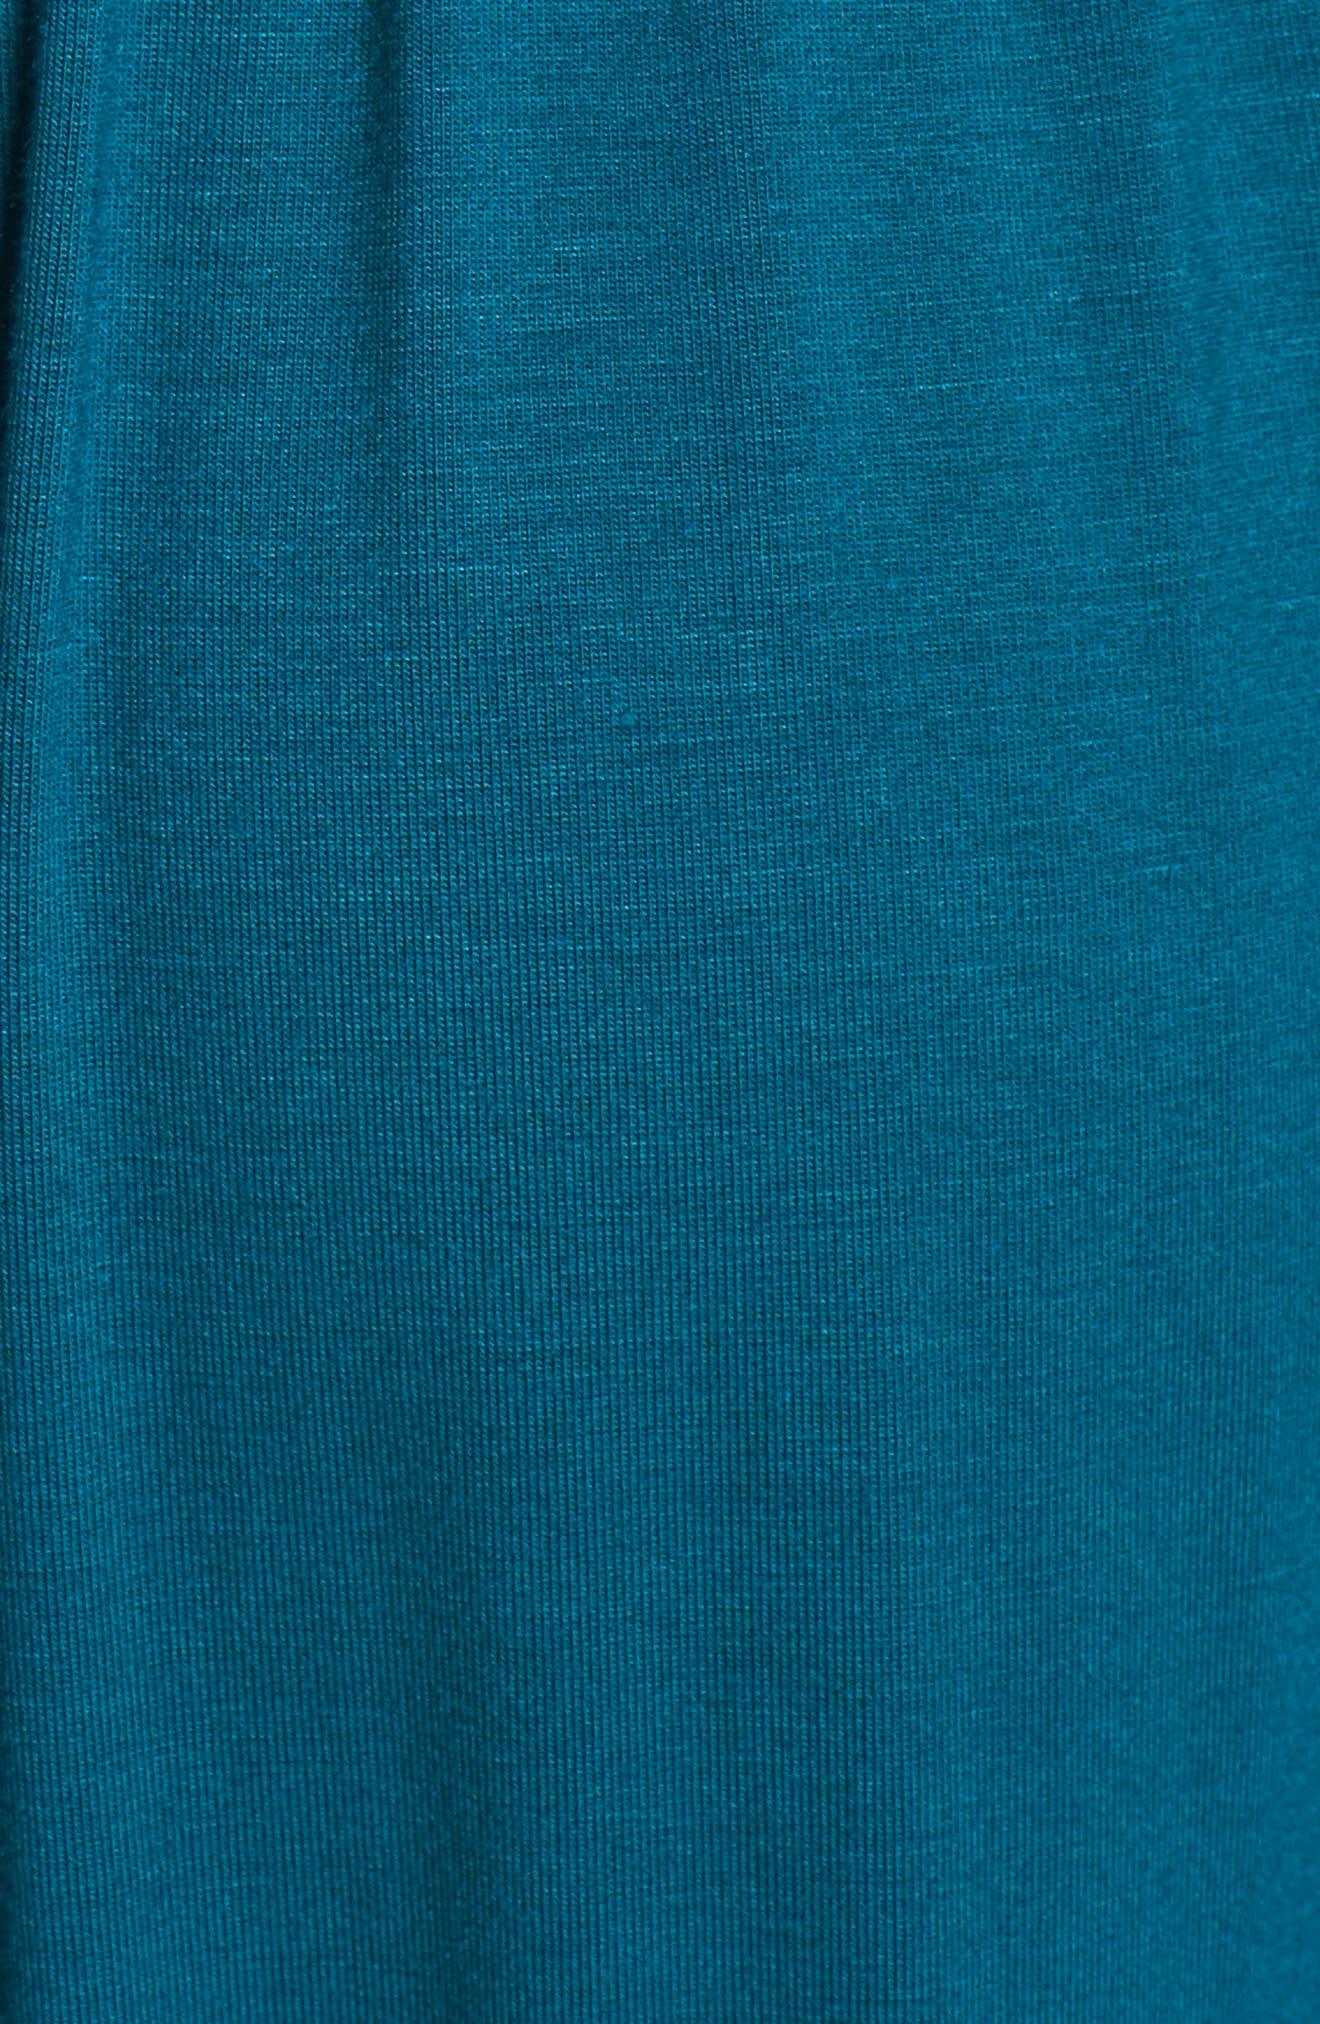 V-Neck Maxi Dress,                             Alternate thumbnail 15, color,